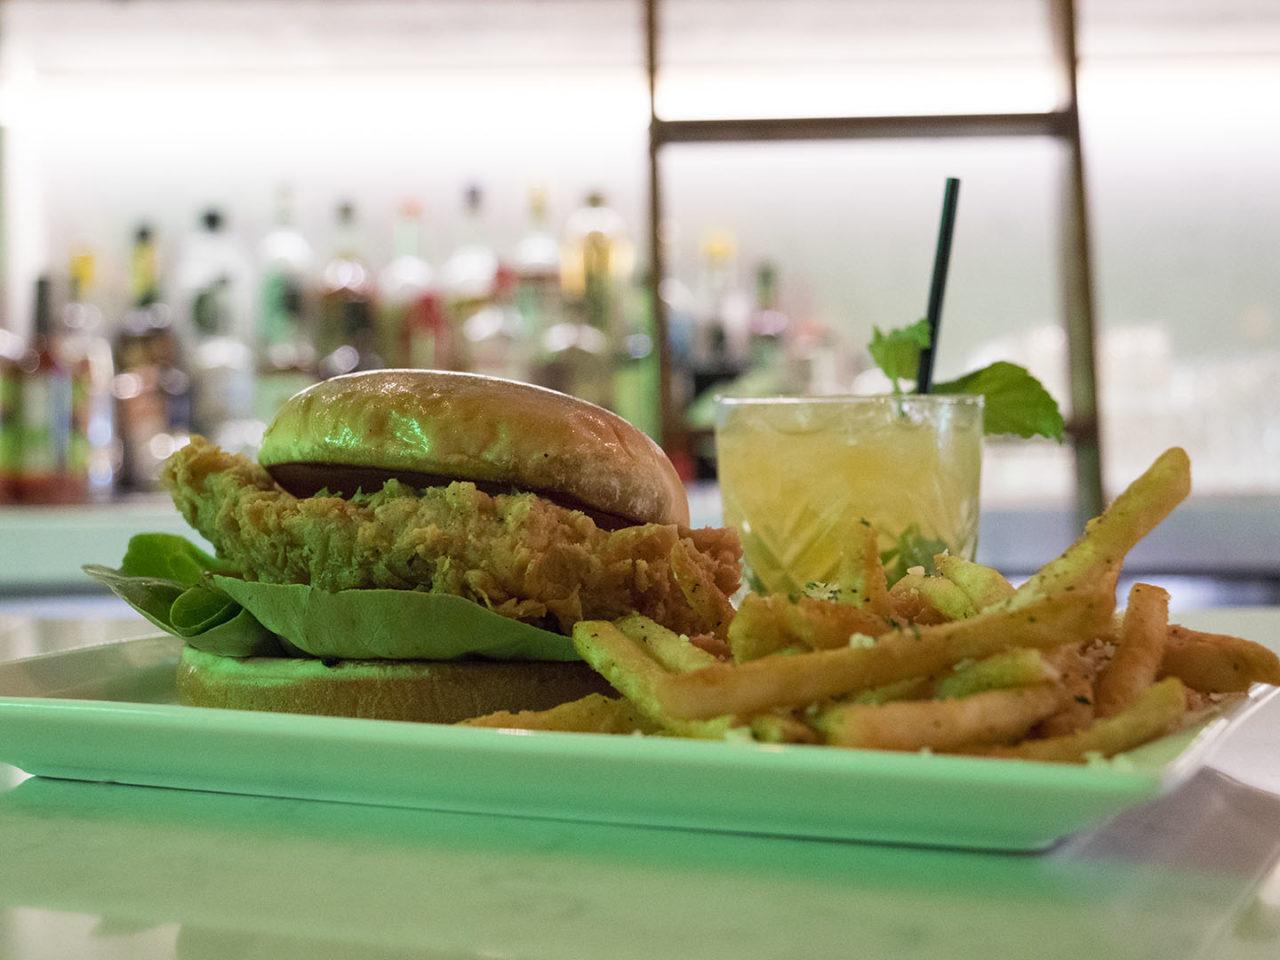 Chicken Sandwich at The Winston - photo by Dennis Spielman